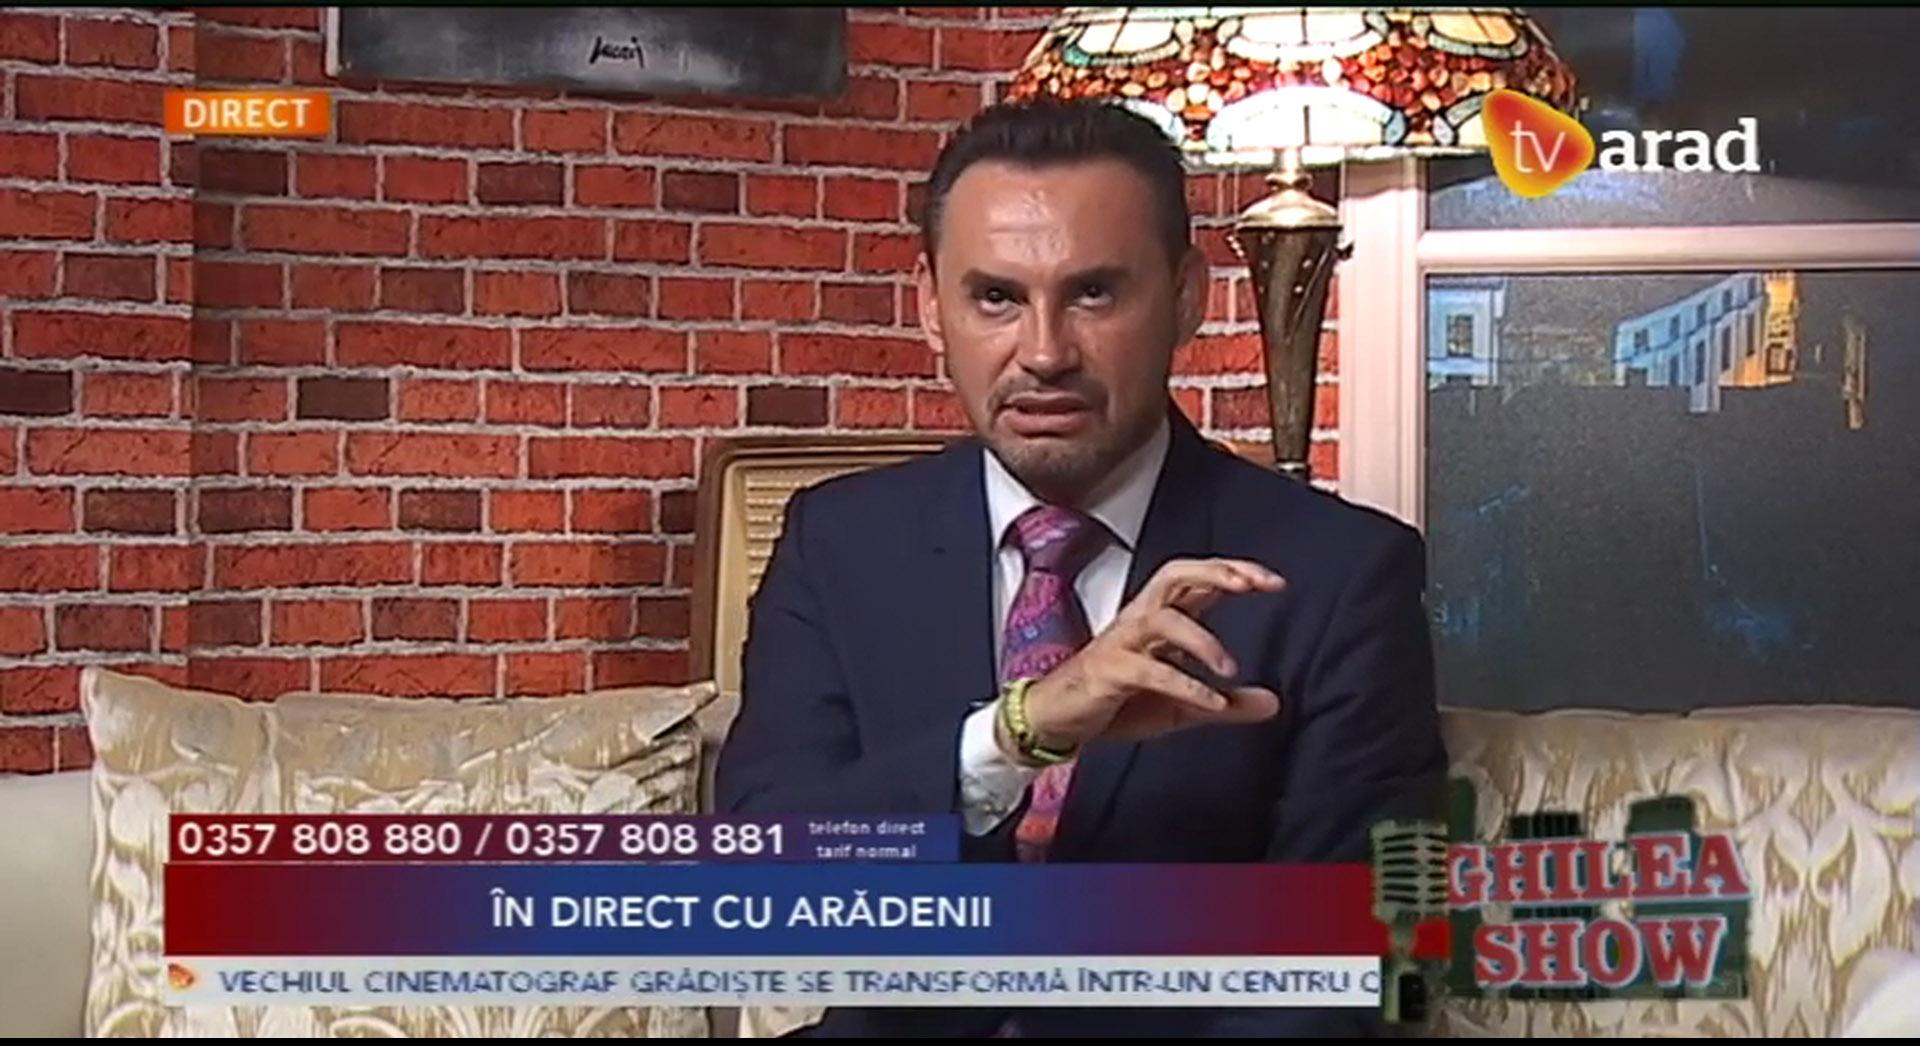 Beniamin Vărcuș : Falcă se ascunde cu lașitate în spatele unei minciuni, una dintre cele multe